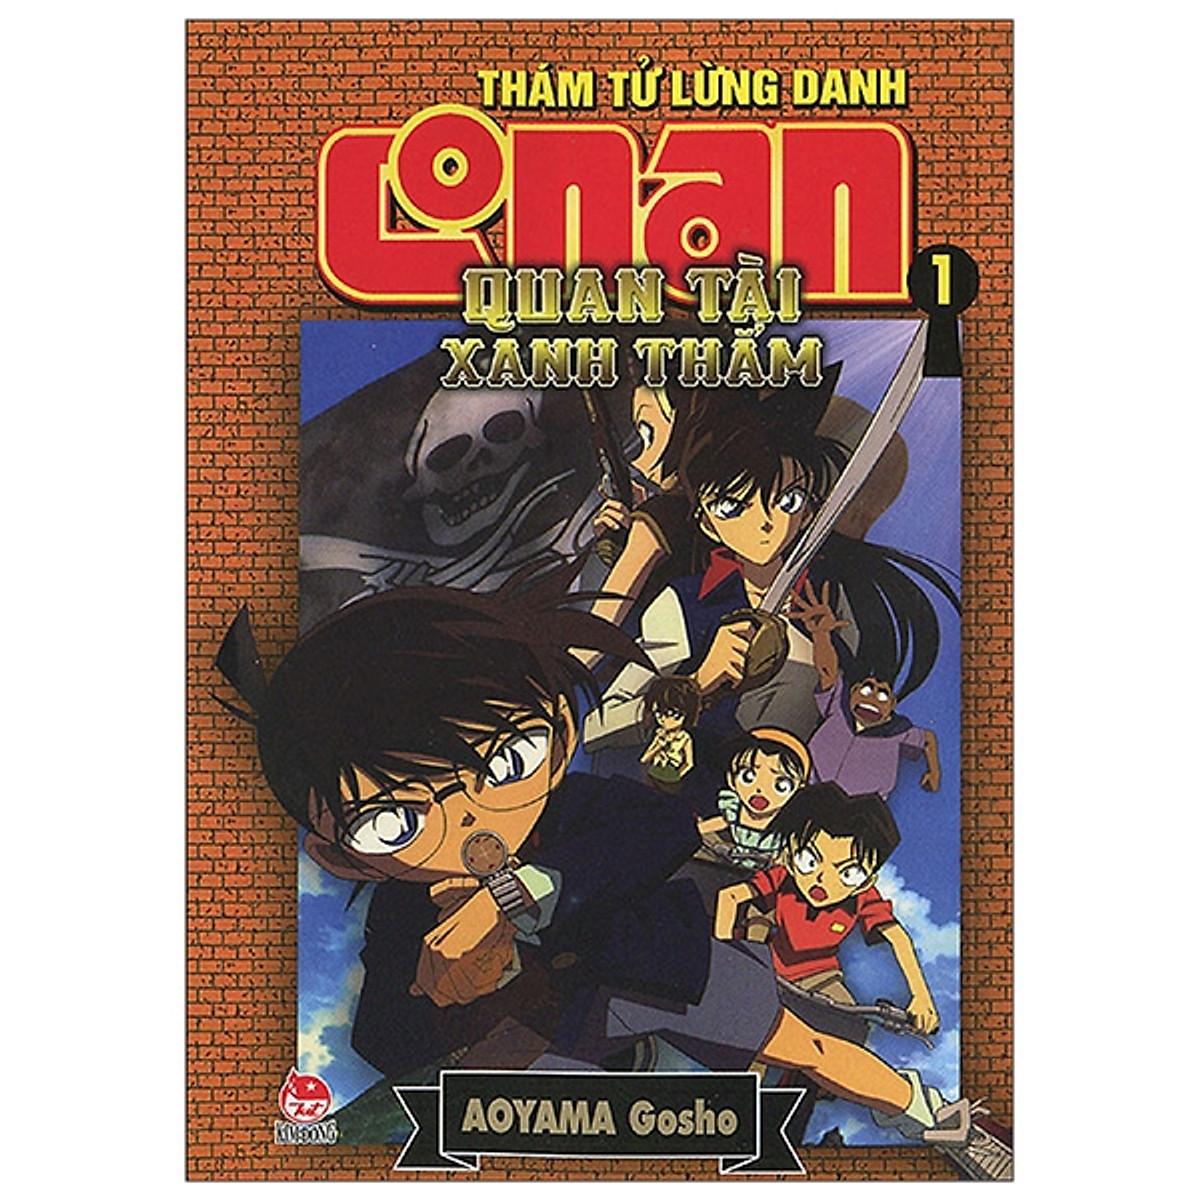 Thám Tử Lừng Danh Conan Hoạt Hình Màu: Quan Tài Xanh Thẳm Tập 1 (Tái Bản  2019)